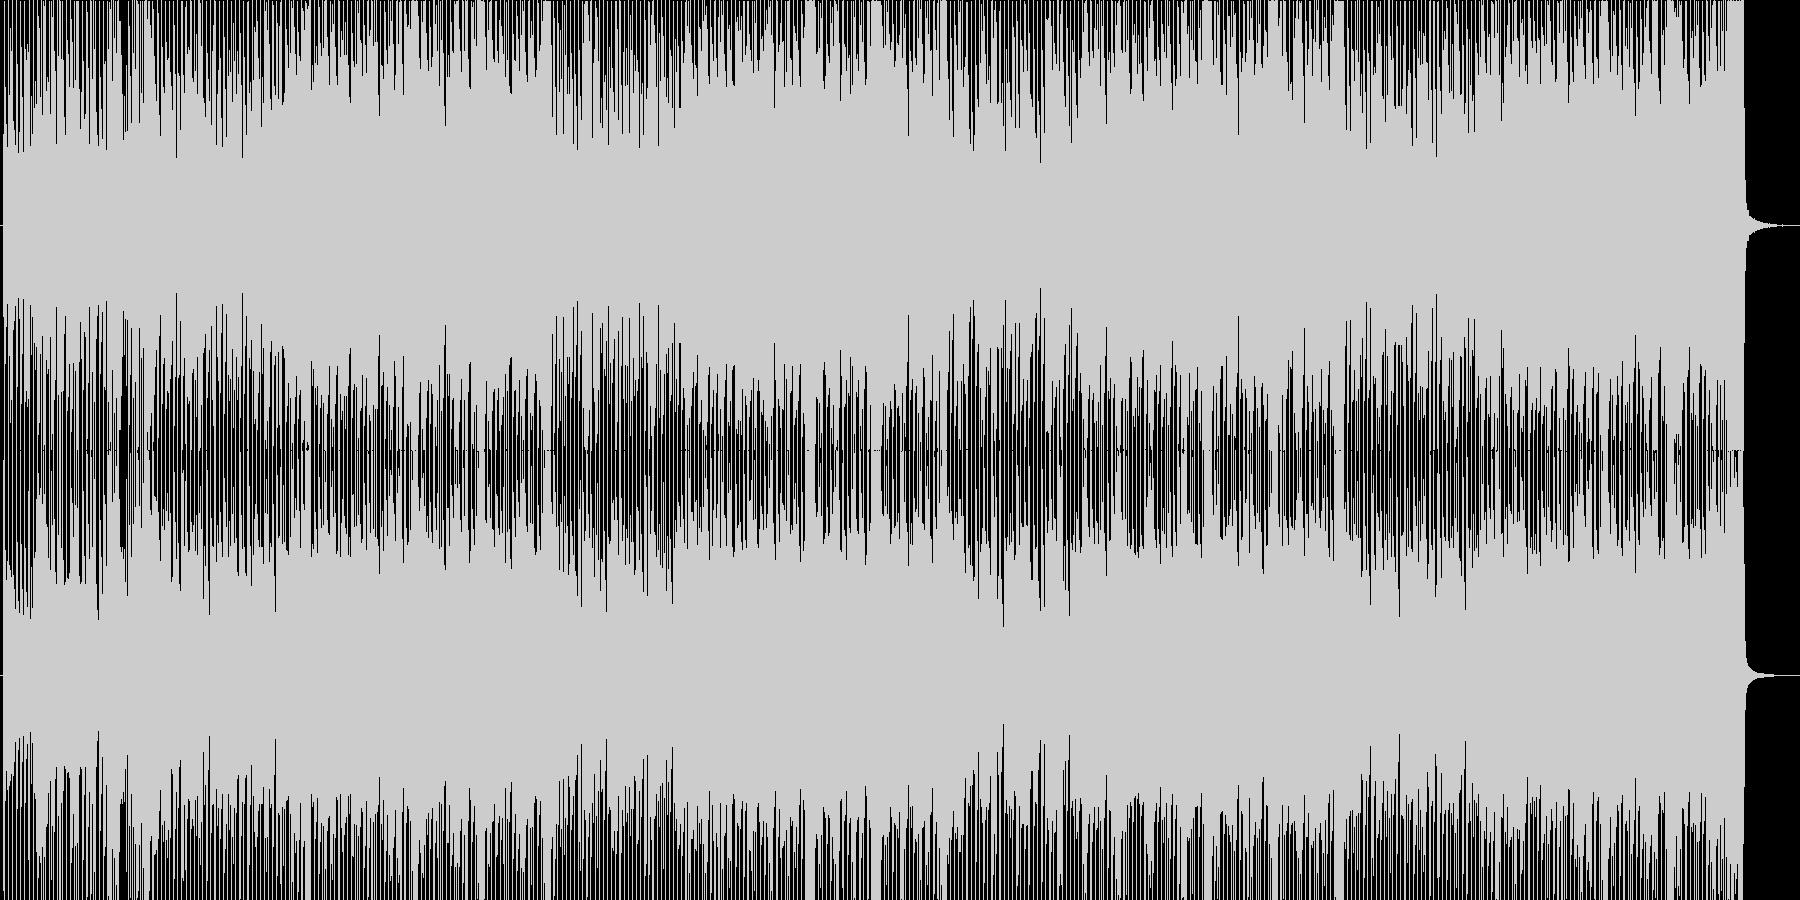 疾走感ある爽やかロック☆メロ無・長尺の未再生の波形